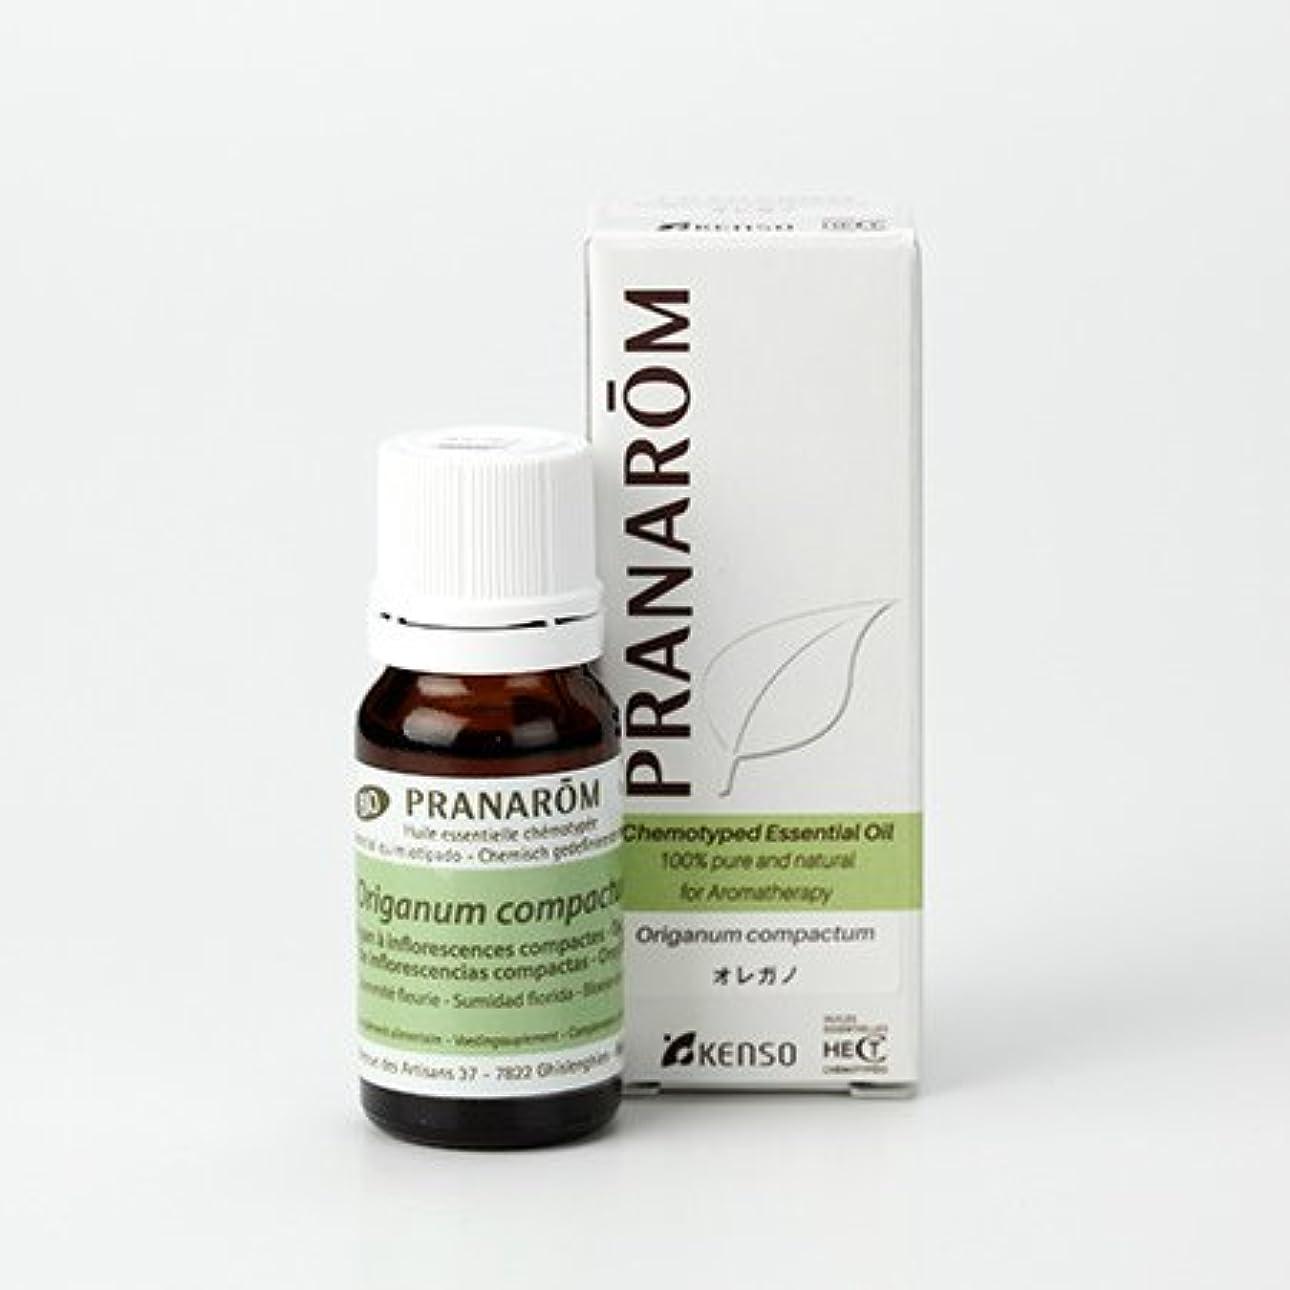 を除く市区町村後世プラナロム オレガノ 10ml (PRANAROM ケモタイプ精油)